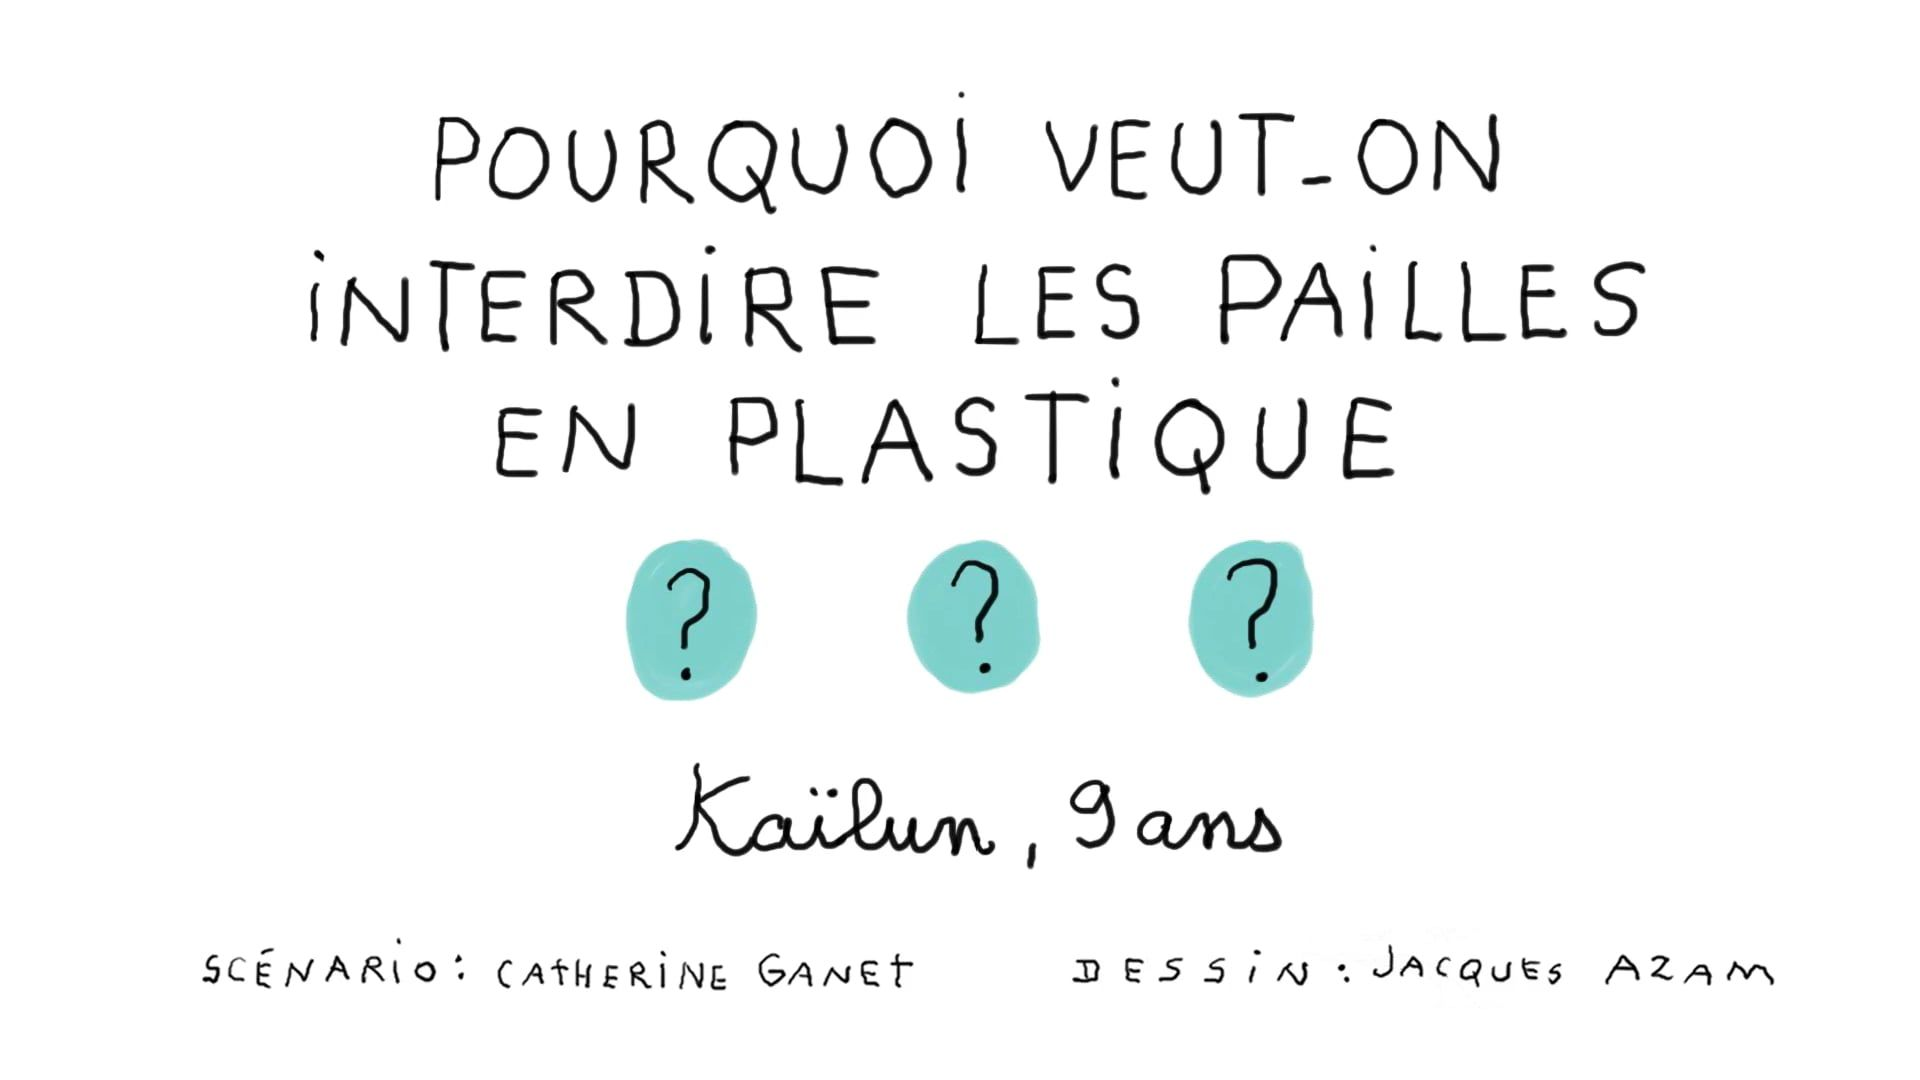 Pourquoi Veut On Interdire Les Pailles En Plastique